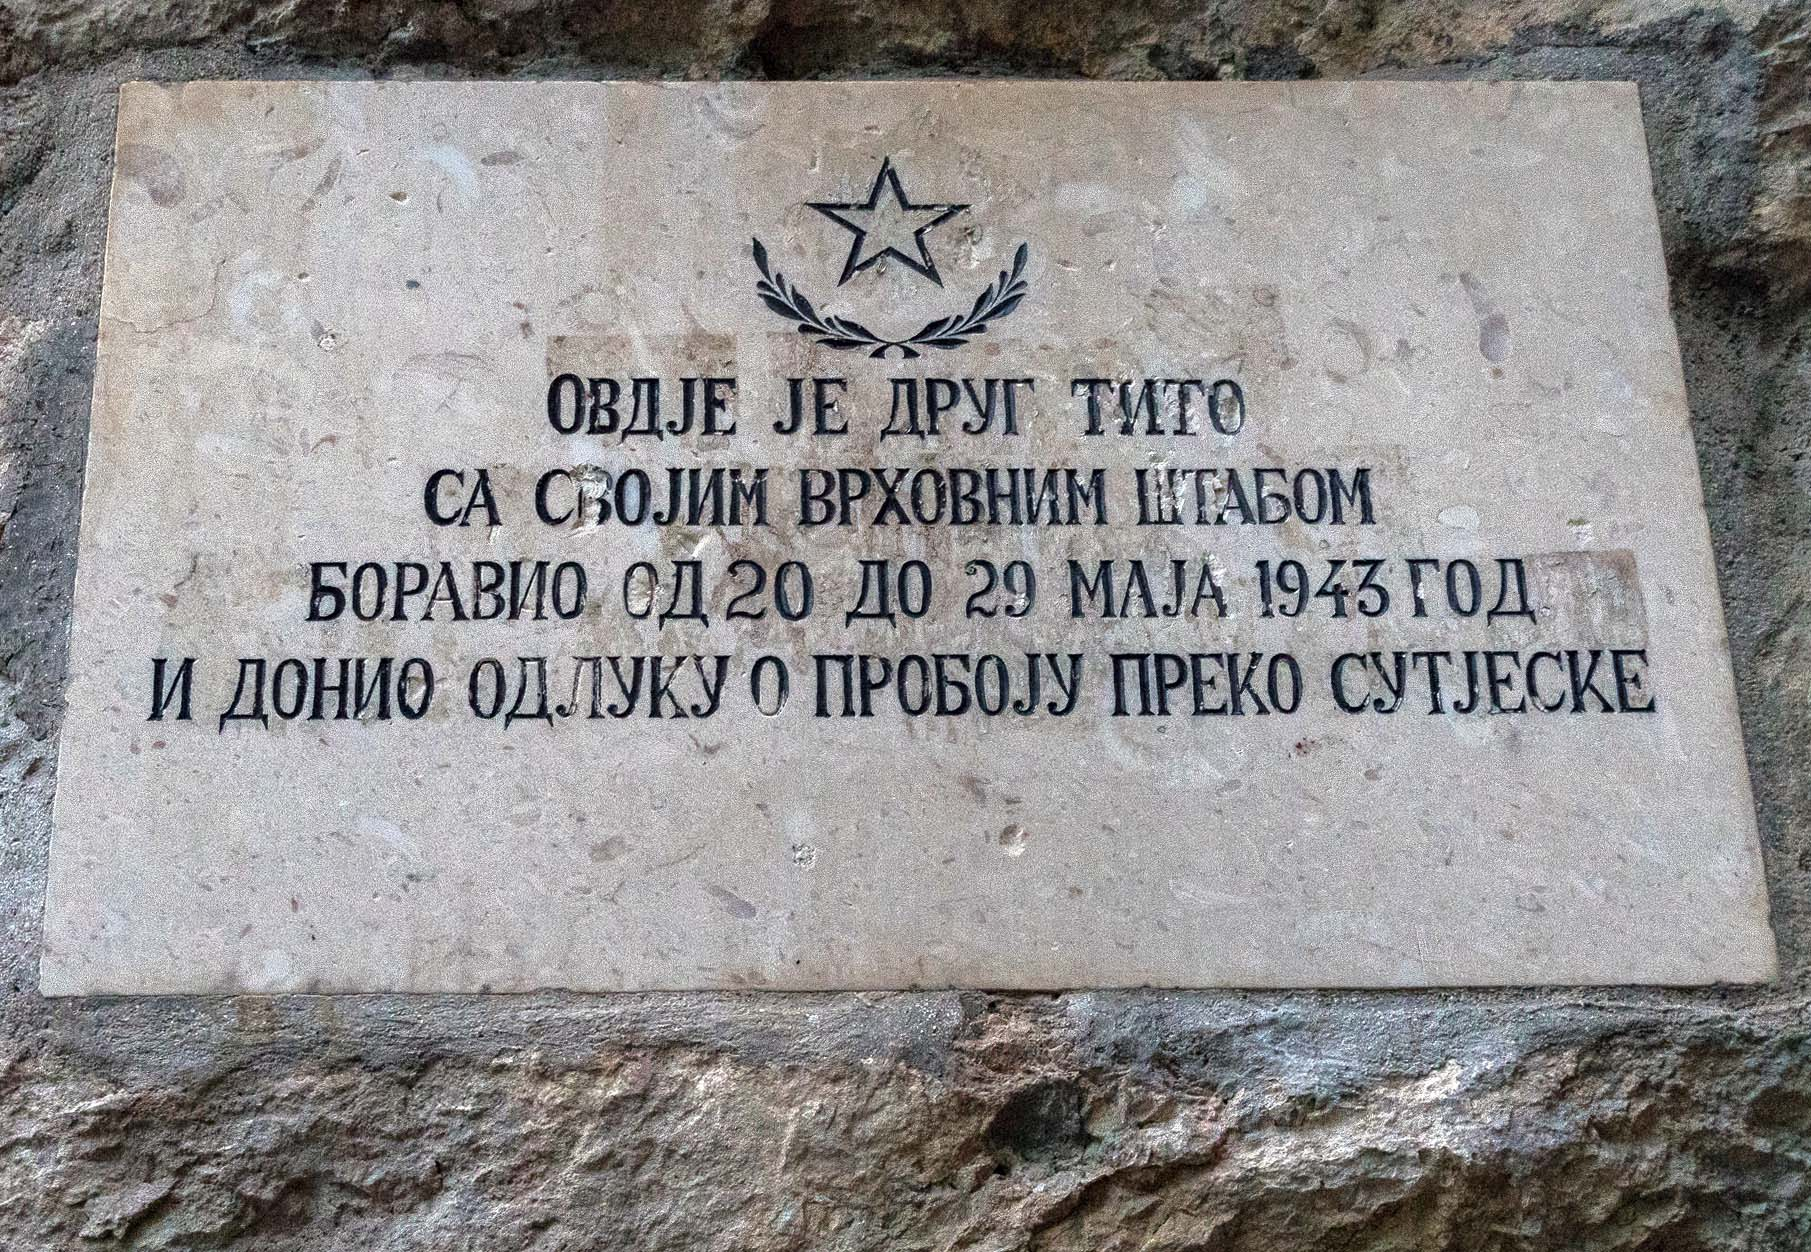 titos-cave-monument-montenegro-2